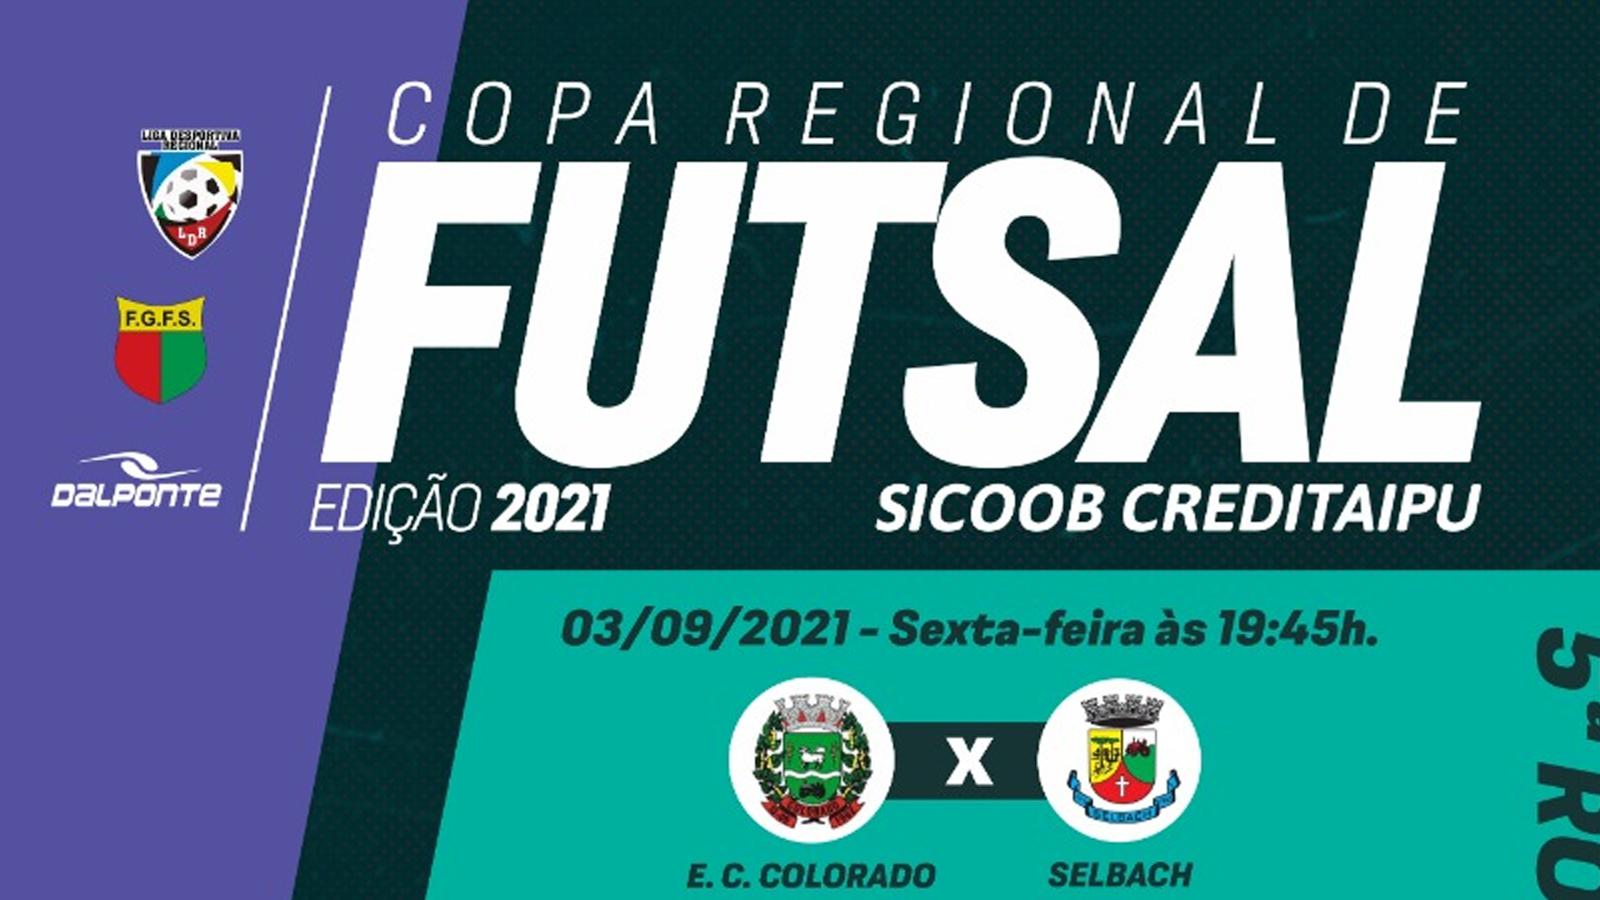 Confira os resultados e classificação após a 5ª rodada da Copa Regional de Futsal